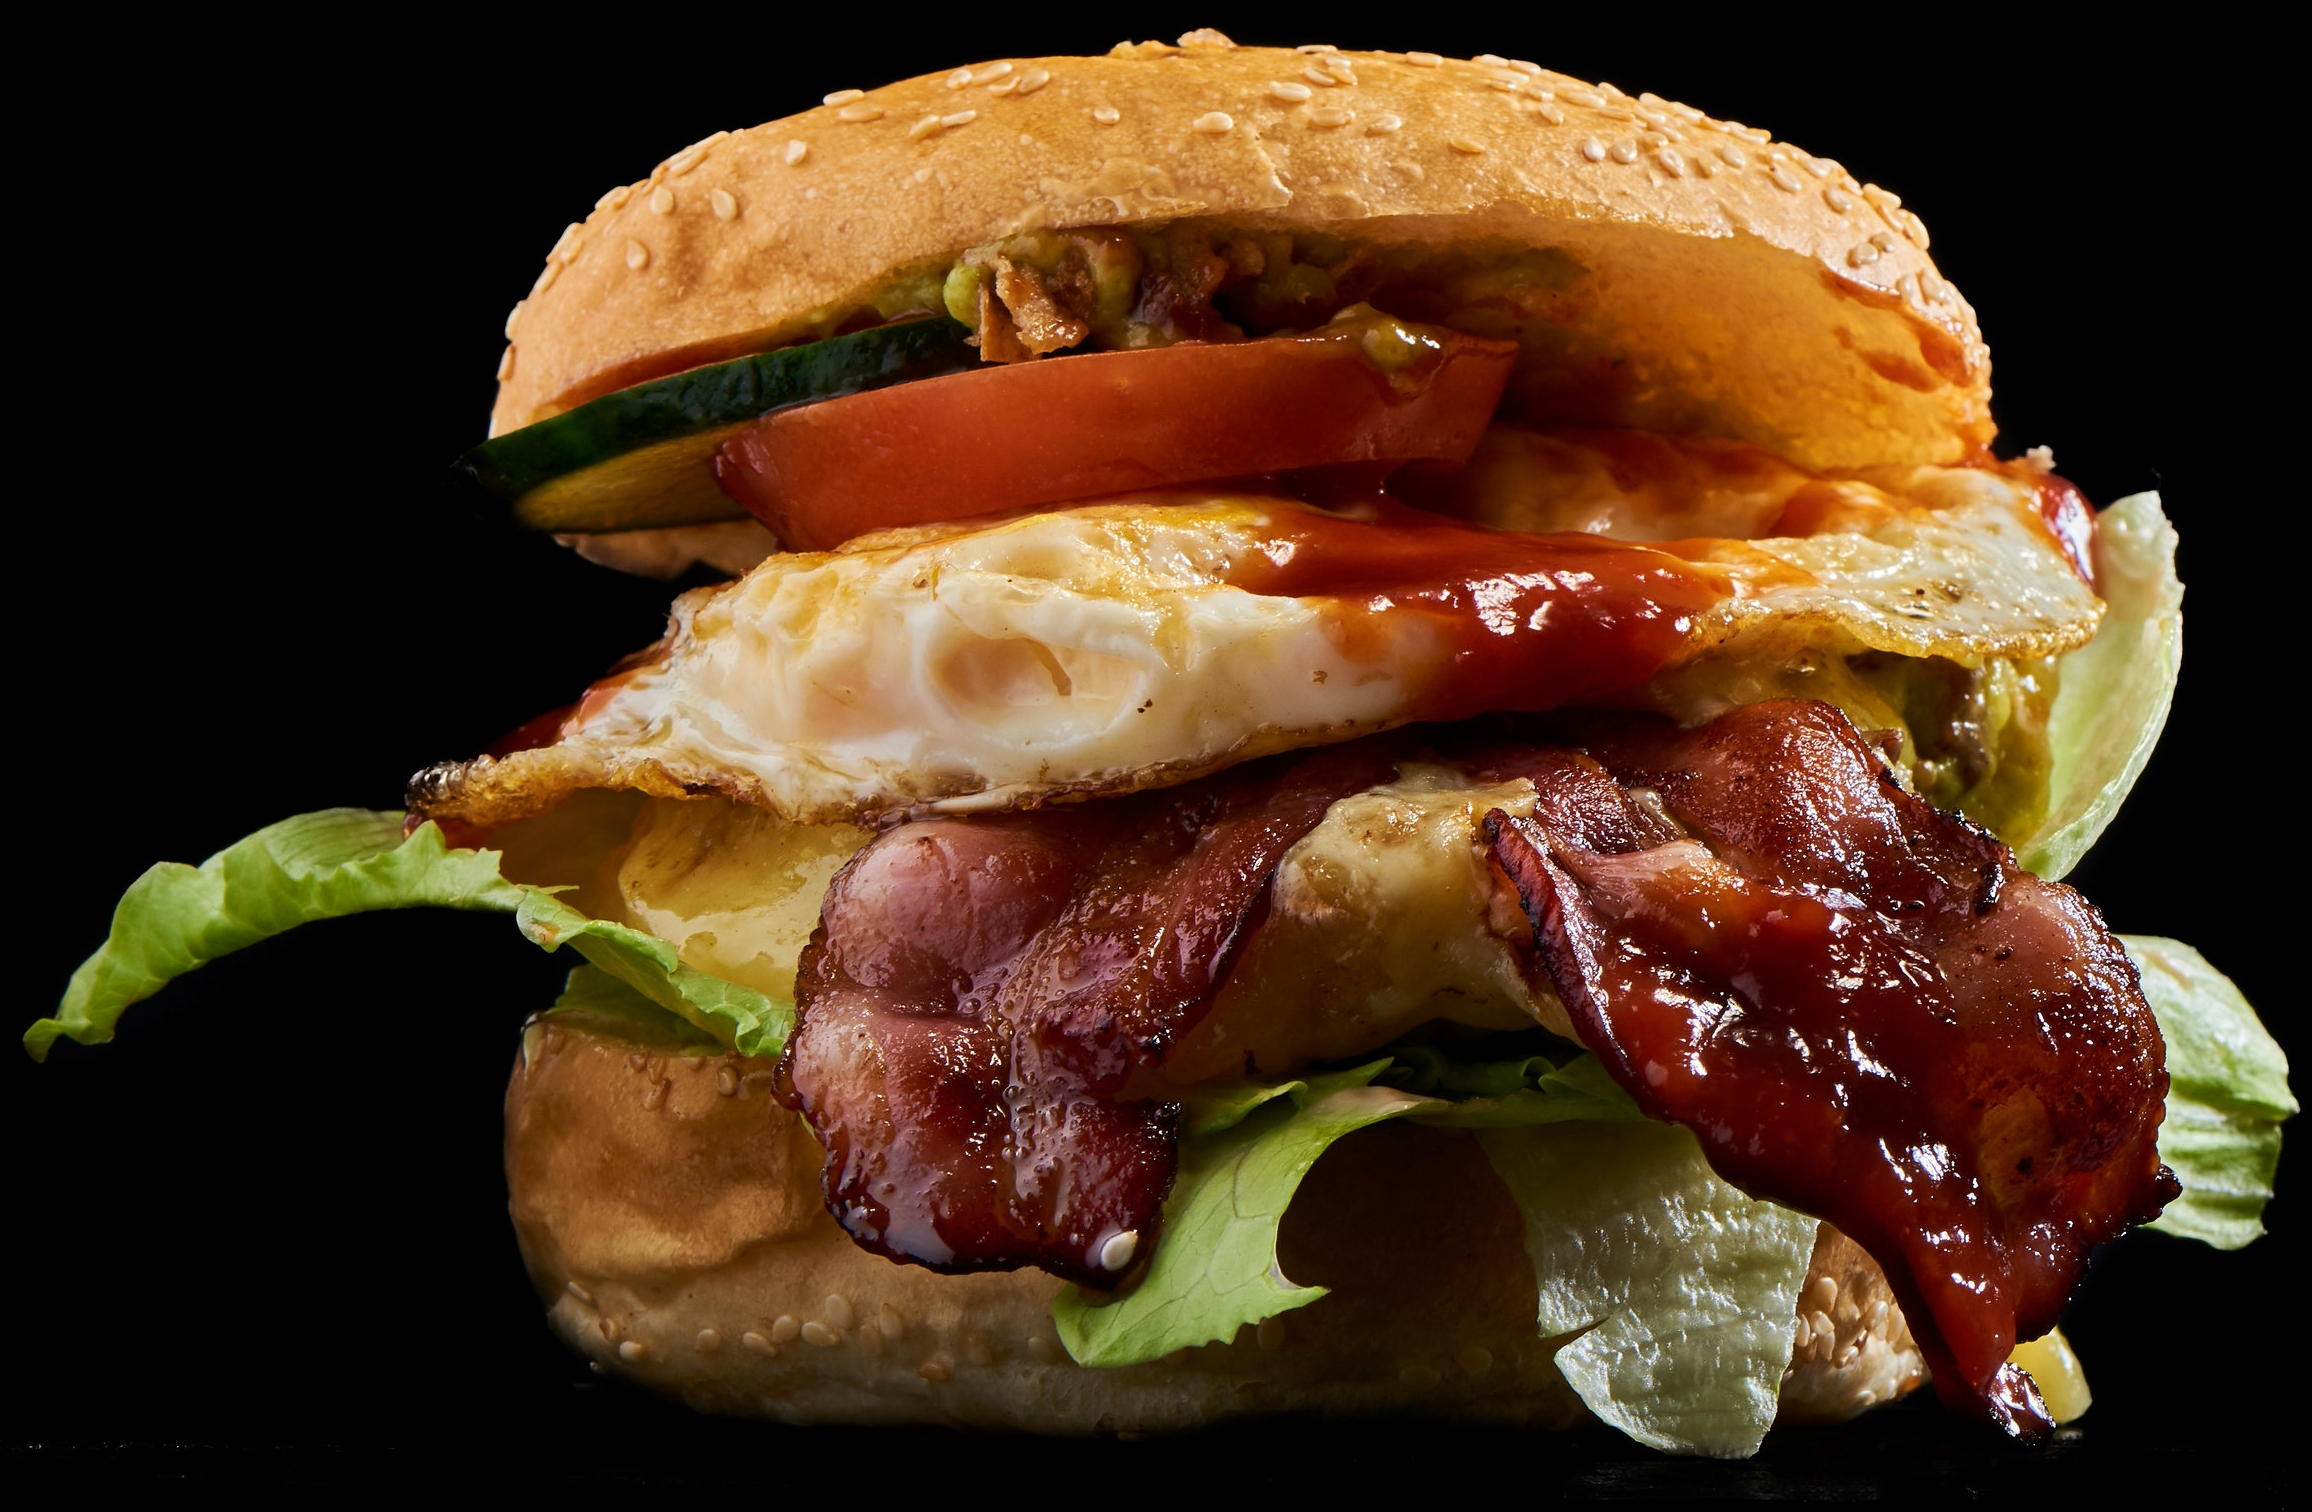 Paramount Burger - mit Speck, Röstzwiebeln, Ei «over easy», Käse, Barbecue-Sauce, Eisbergsalat, Salatgurke und Tomate. Auch als Doppelburger erhältlich! (plus 2.50)17.90